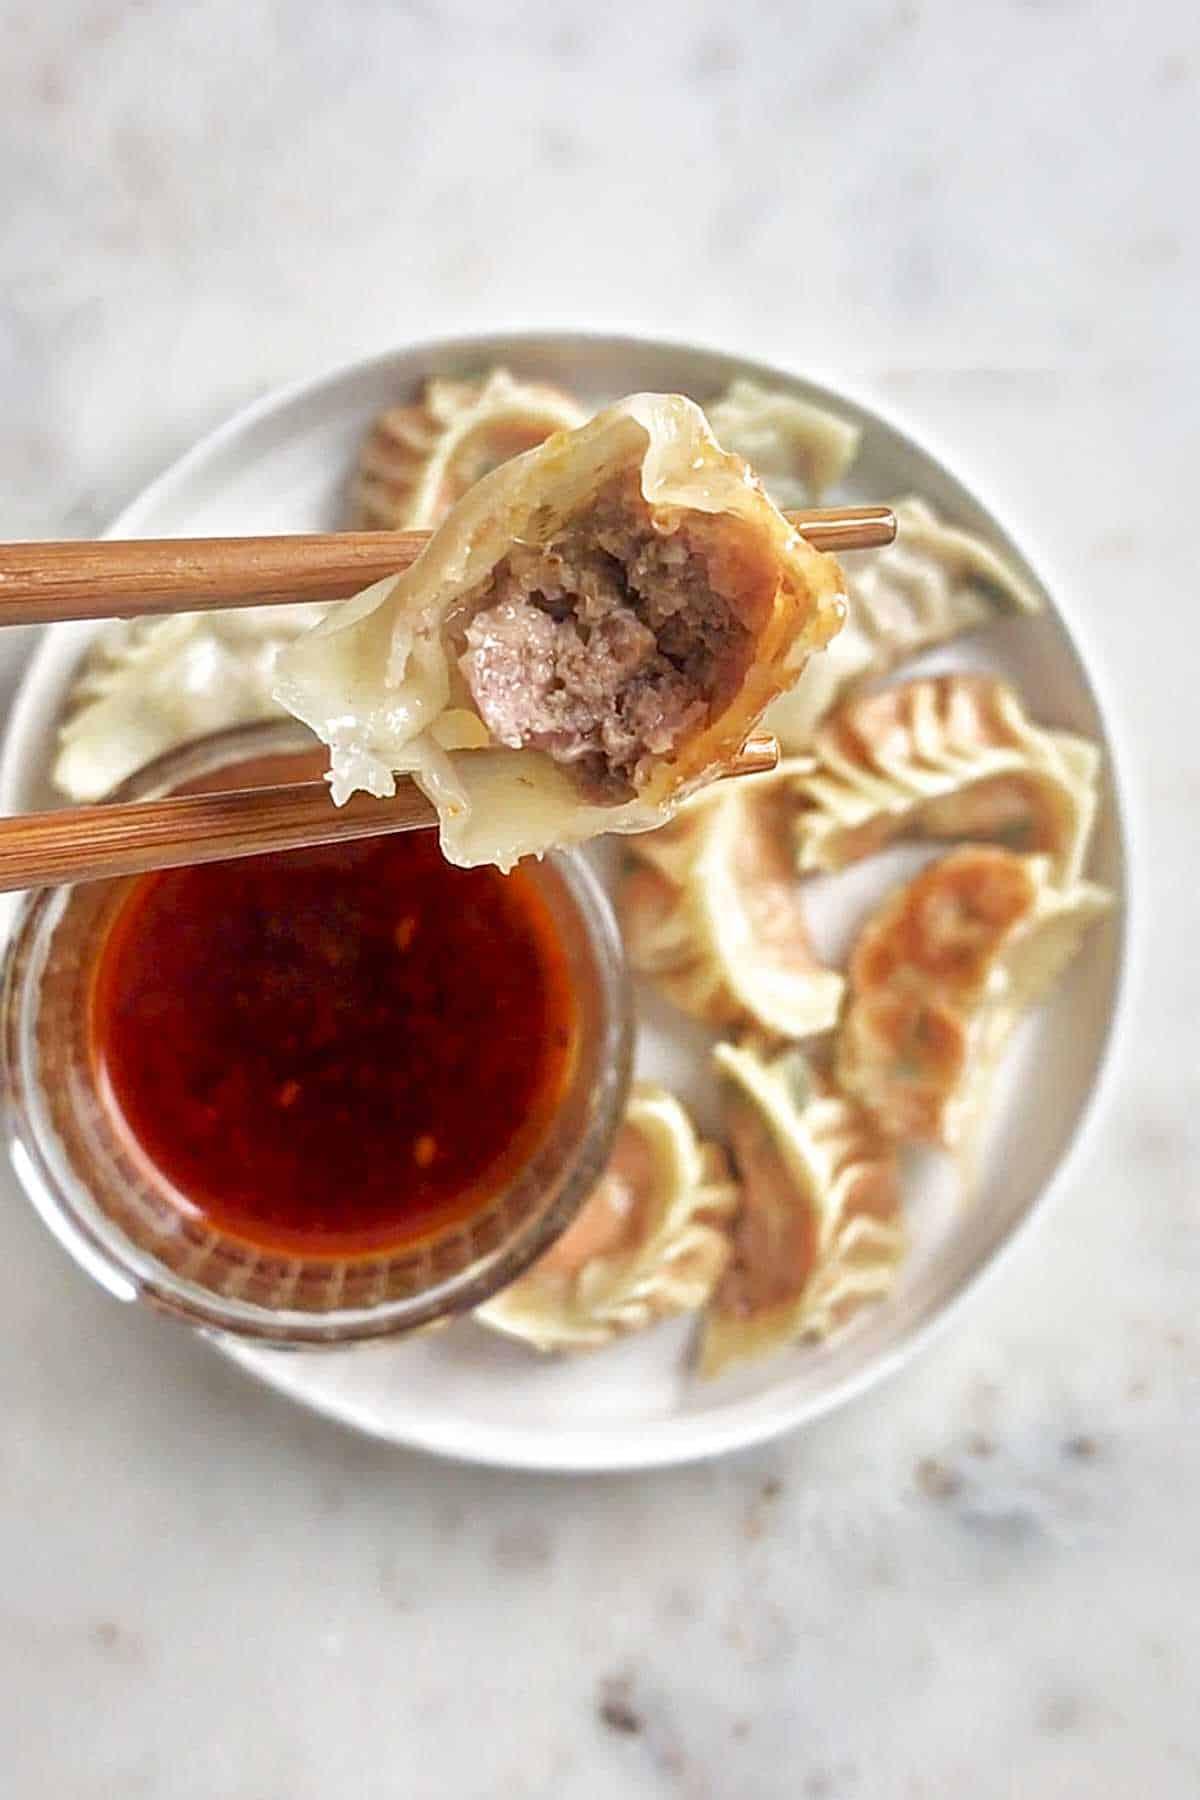 The inside of a meat filled dumpling.